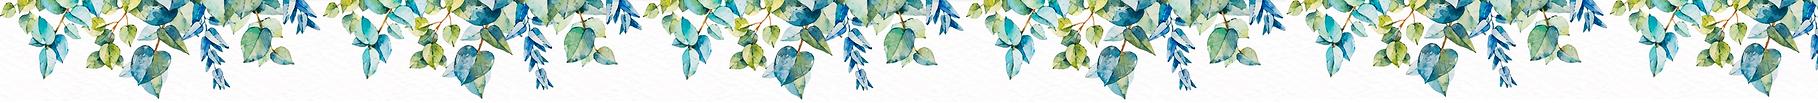 banniere-eucalyptus-01.png